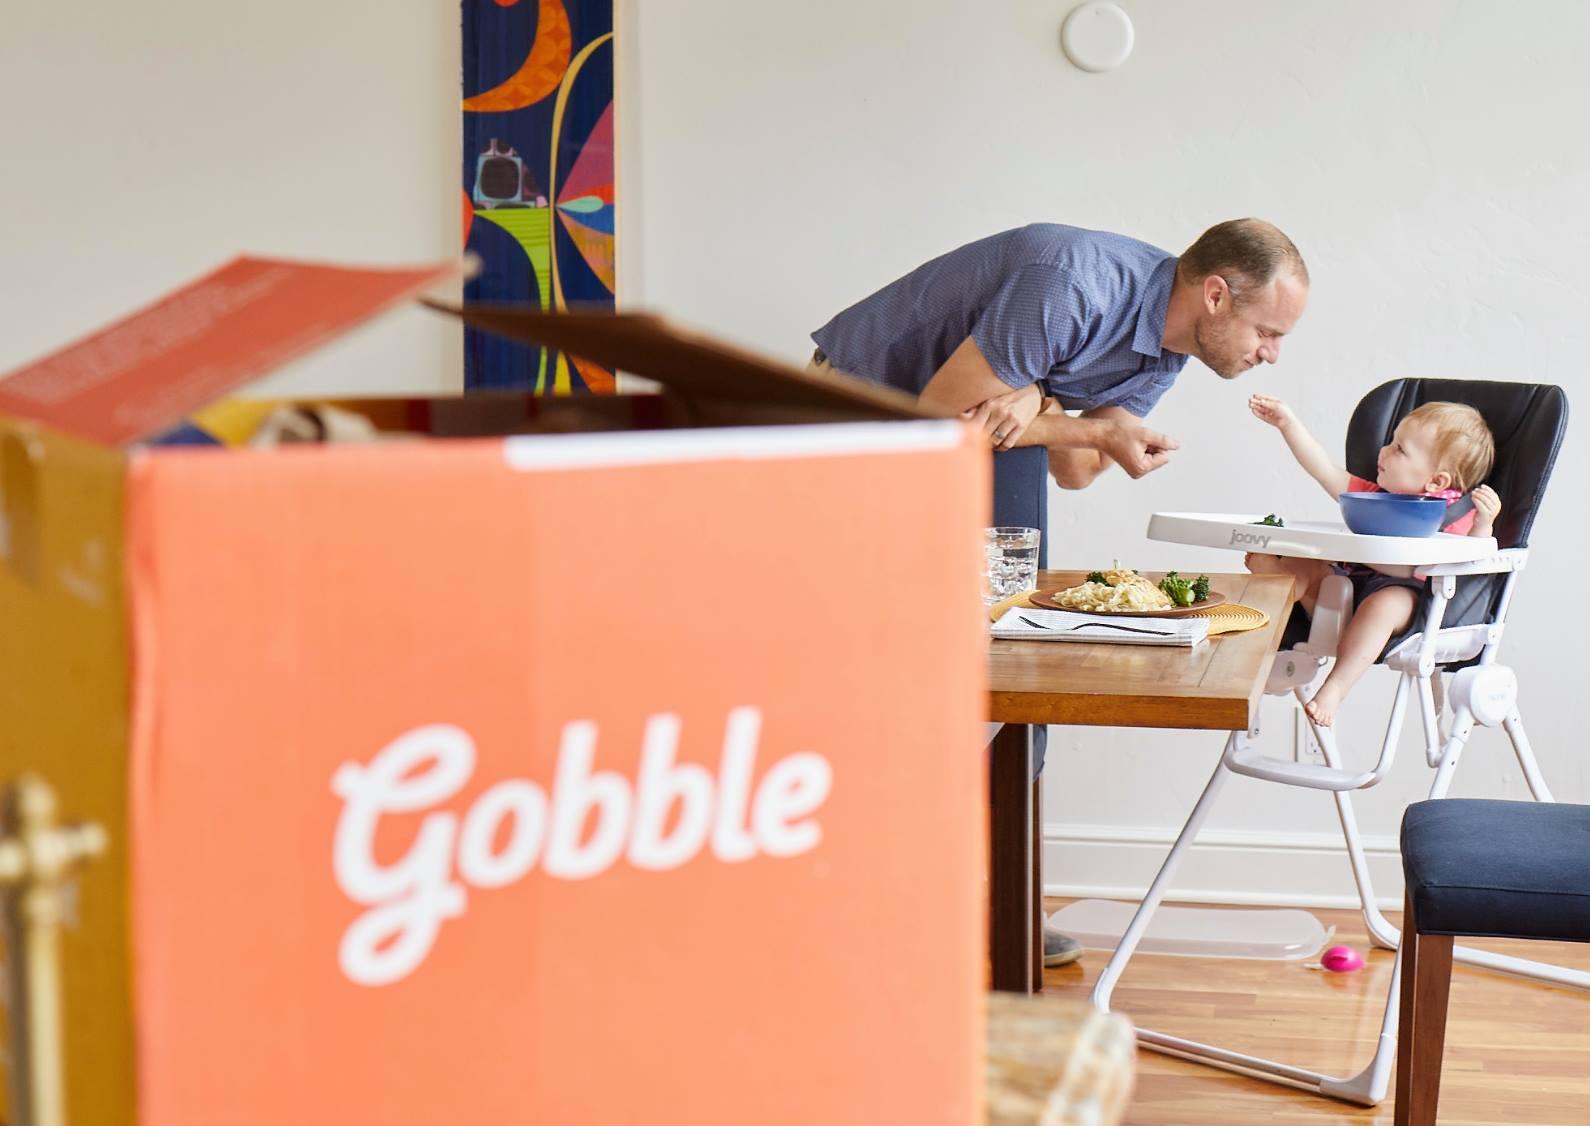 Gobble.jpg